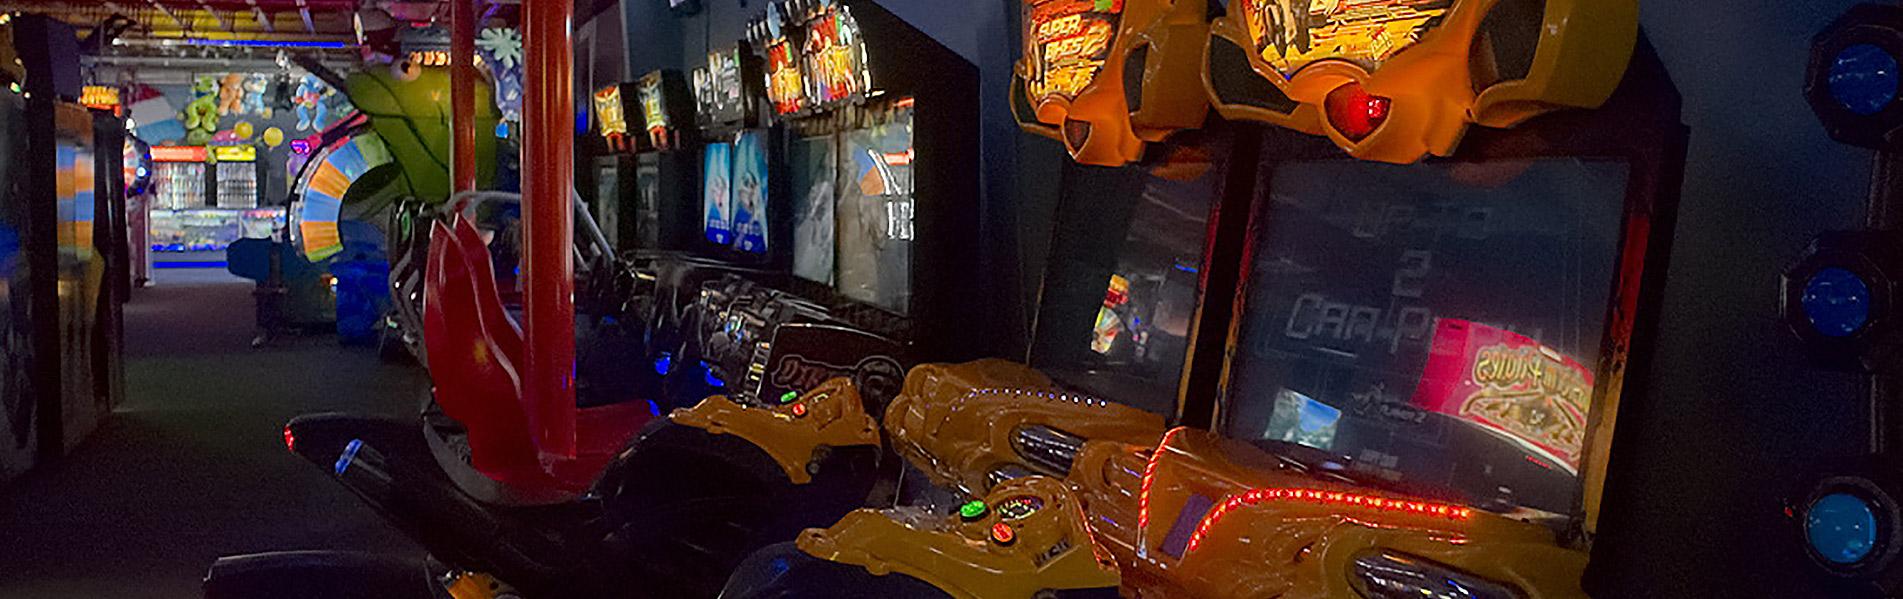 Game Arcade Melbourne Florida